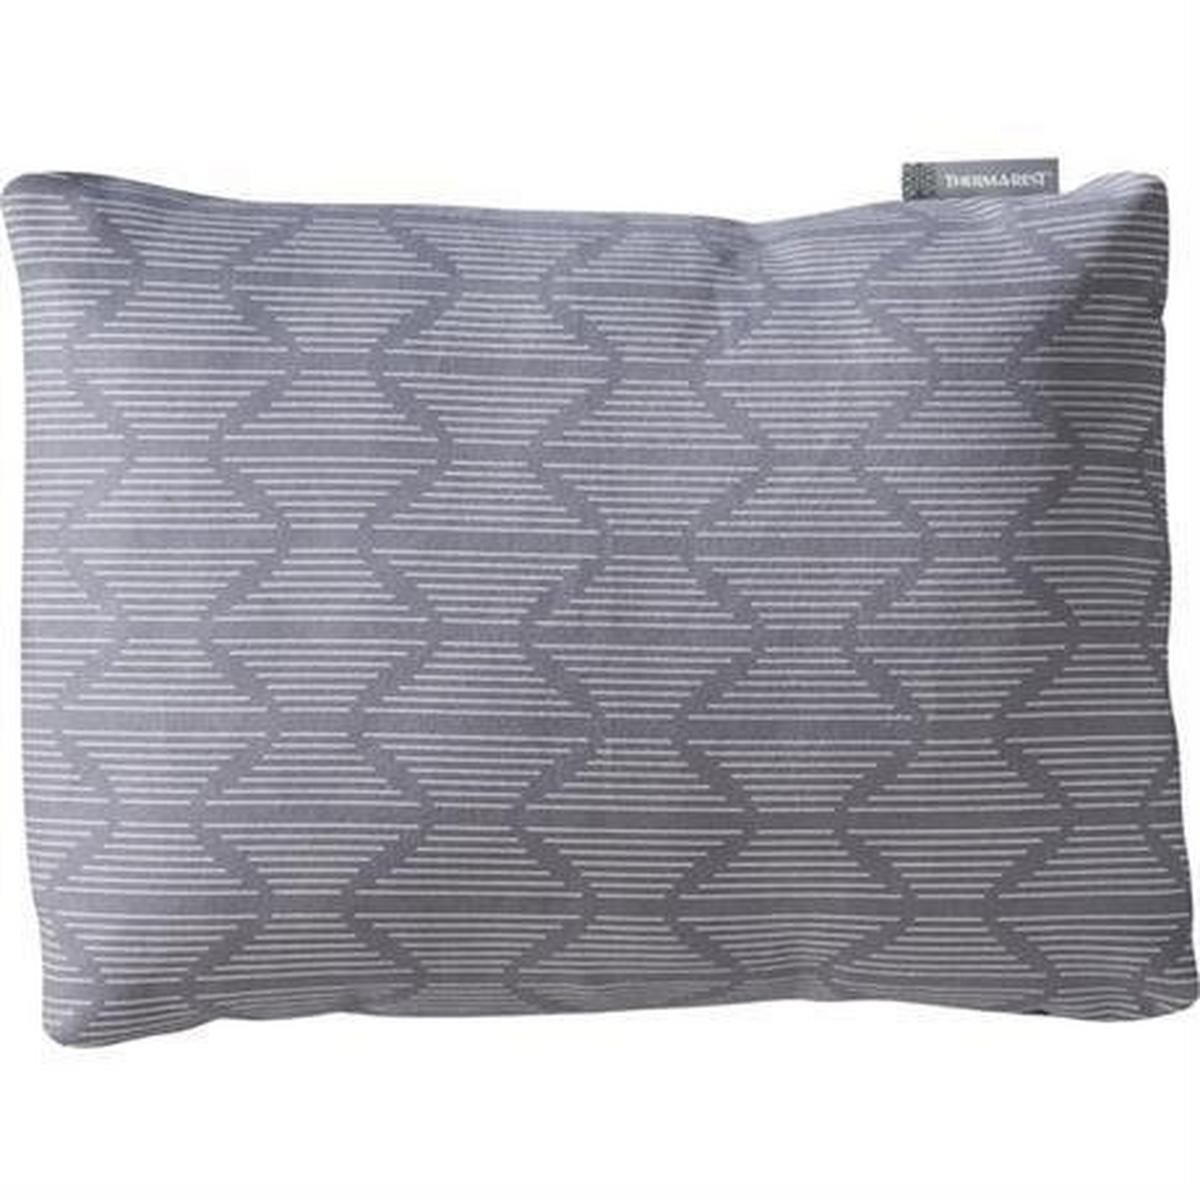 Therm-a-rest Trekker Pillow Case Grey Print